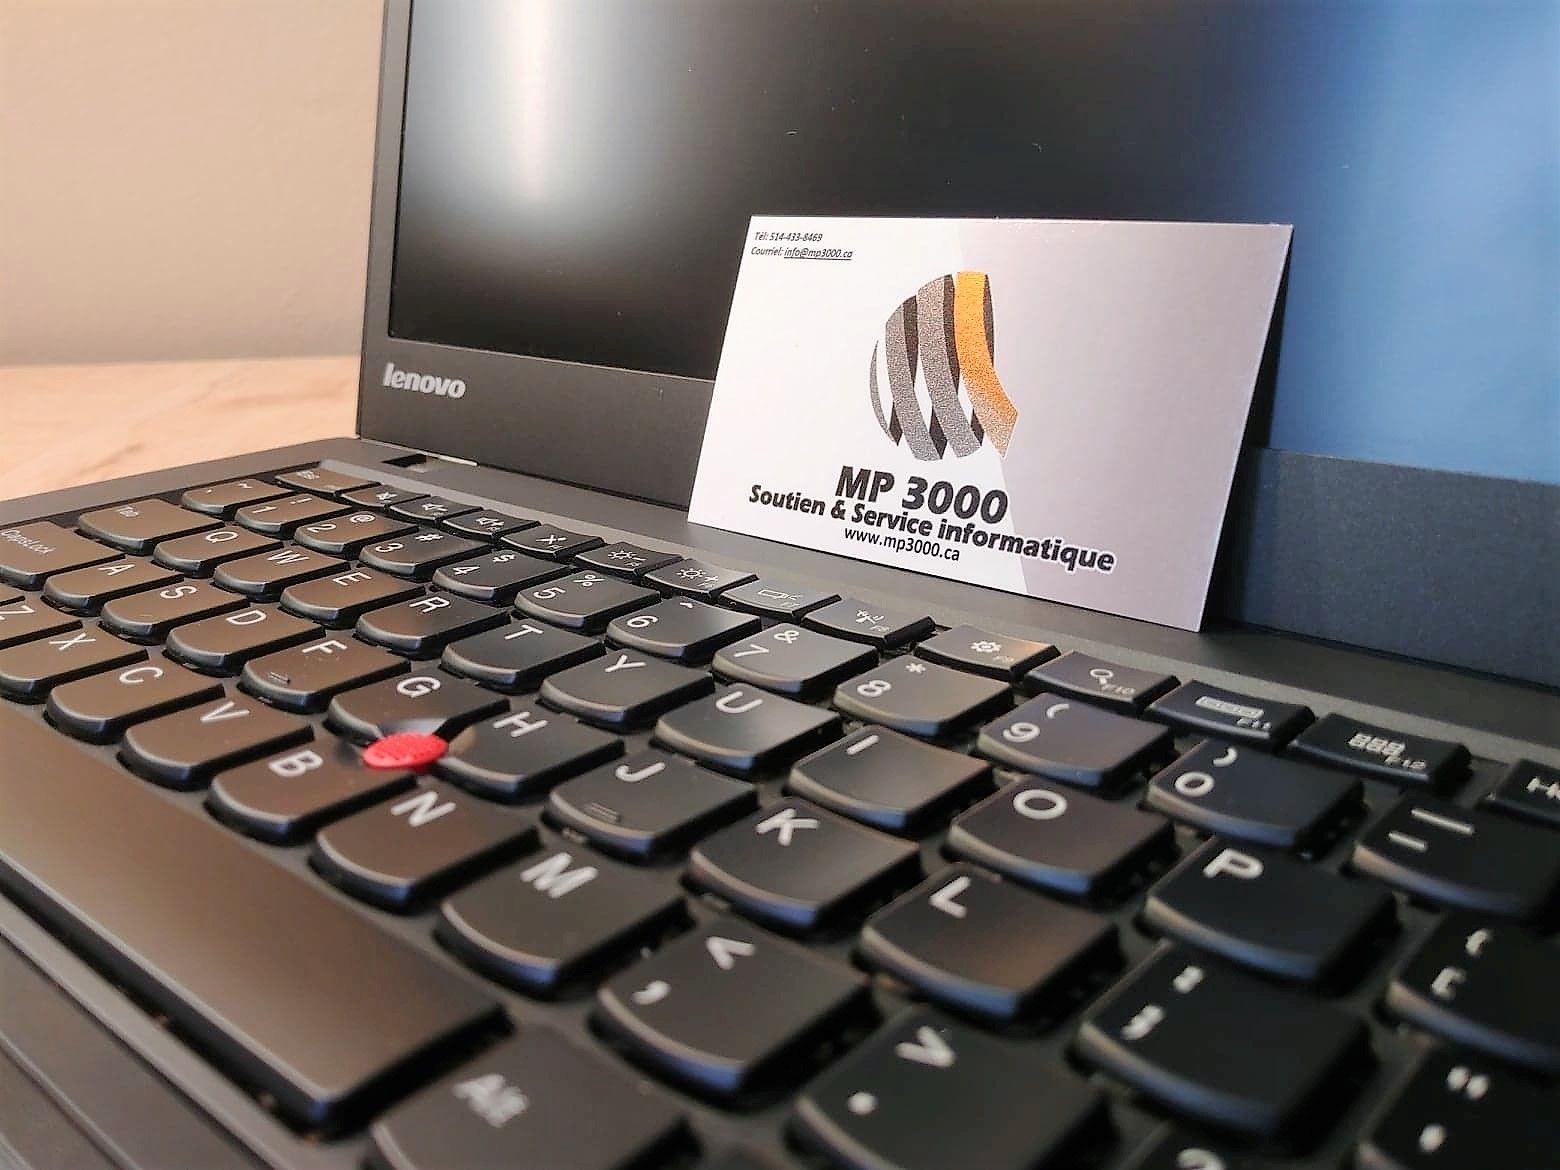 Portable Lenovo Thinkpad Ulrabook T440s | Portable Lenovo